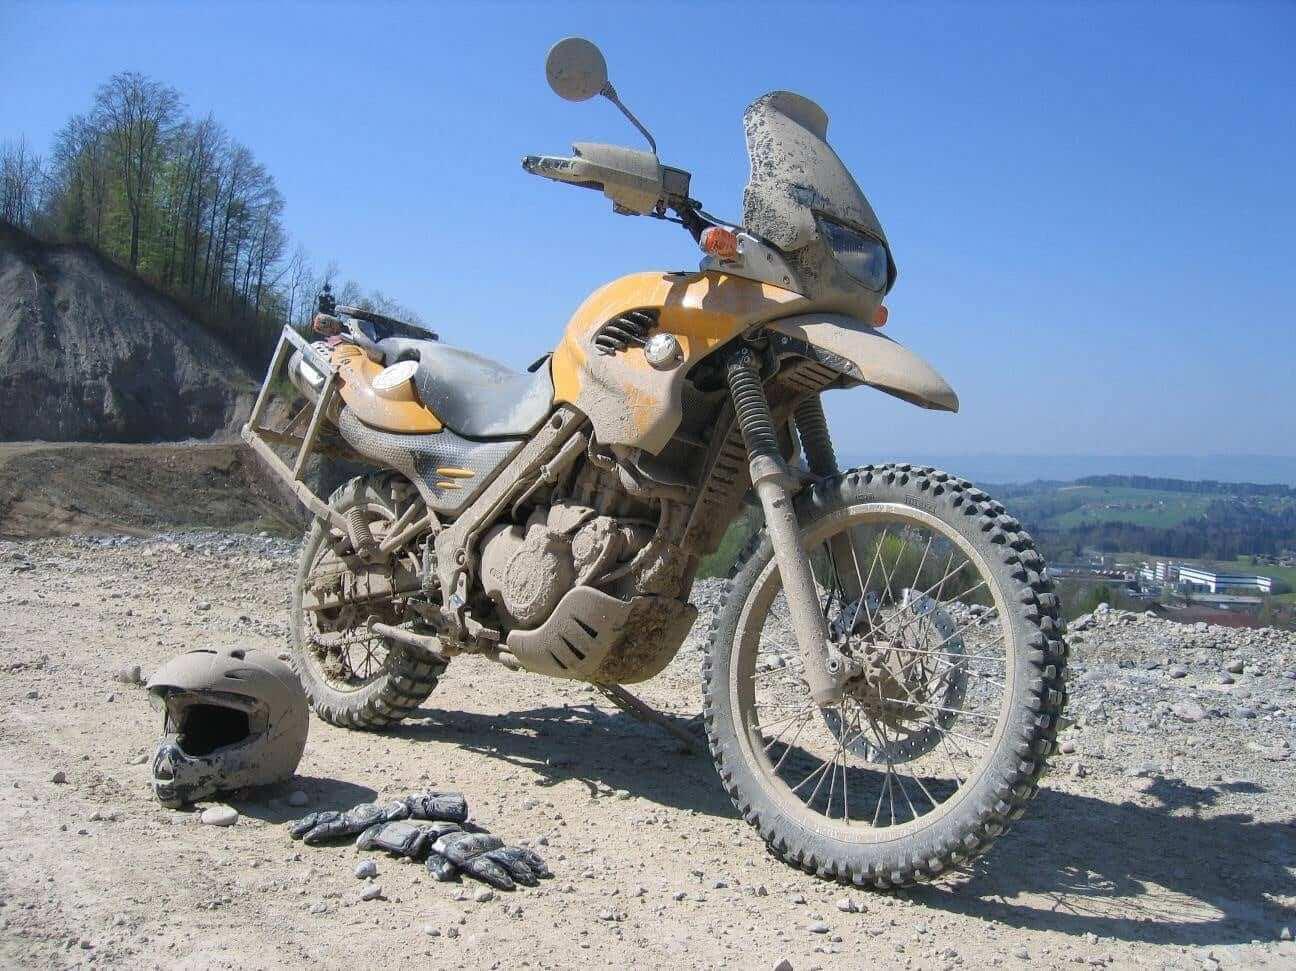 Bmw F 650 Gs Motocykle Skutery Motorowery Opinie Forum I Dane